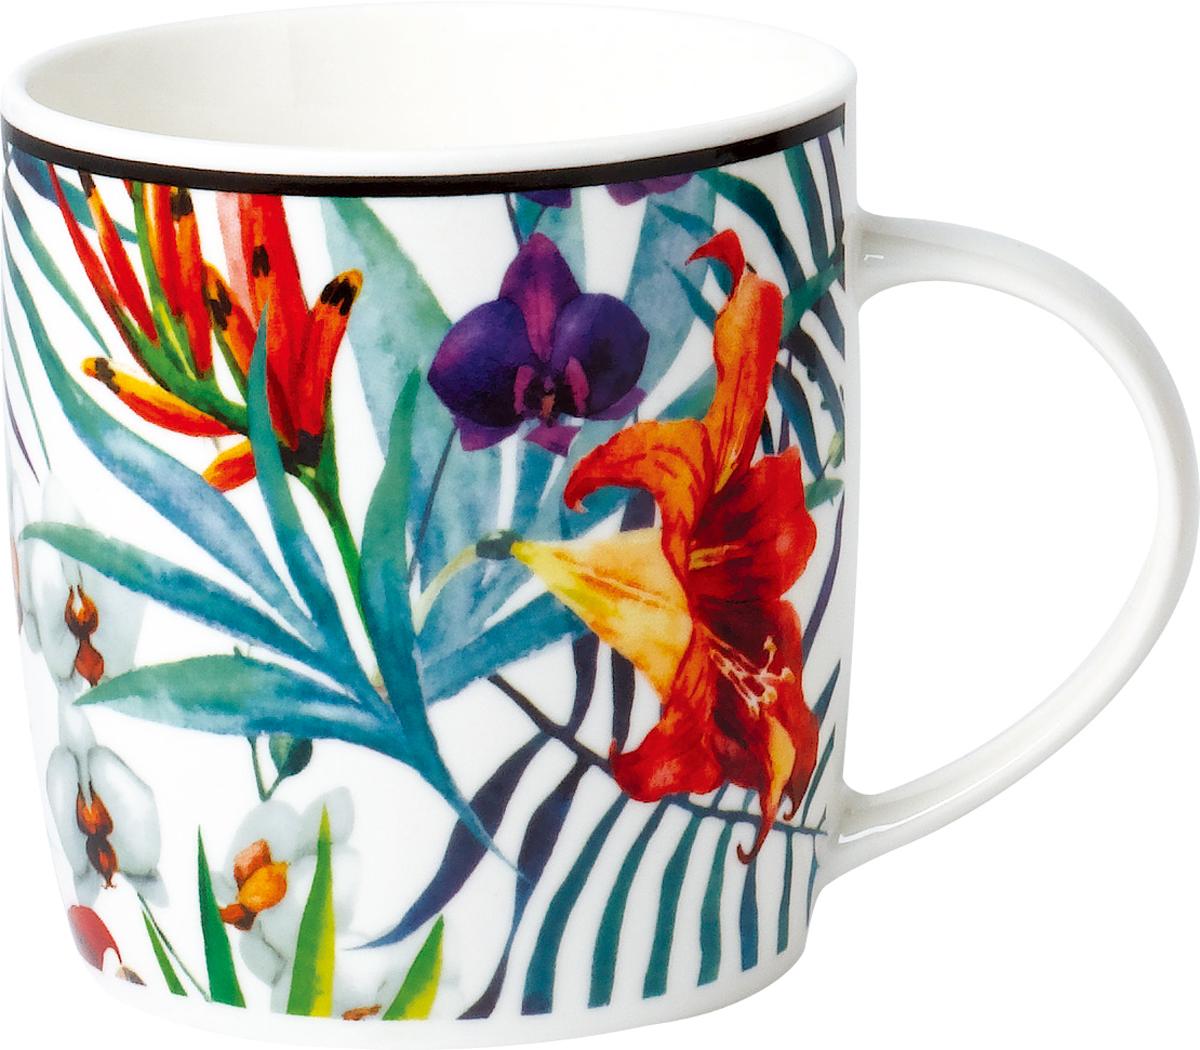 """Кружка """"Rainbow"""" выполнена из высококачественного фарфора. Посуда из такого материала позволяет сохранить истинный вкус напитка, а также помогает дольше оставаться теплым. Кружка оснащена очень удобной ручкой.Объем: 350 мл."""